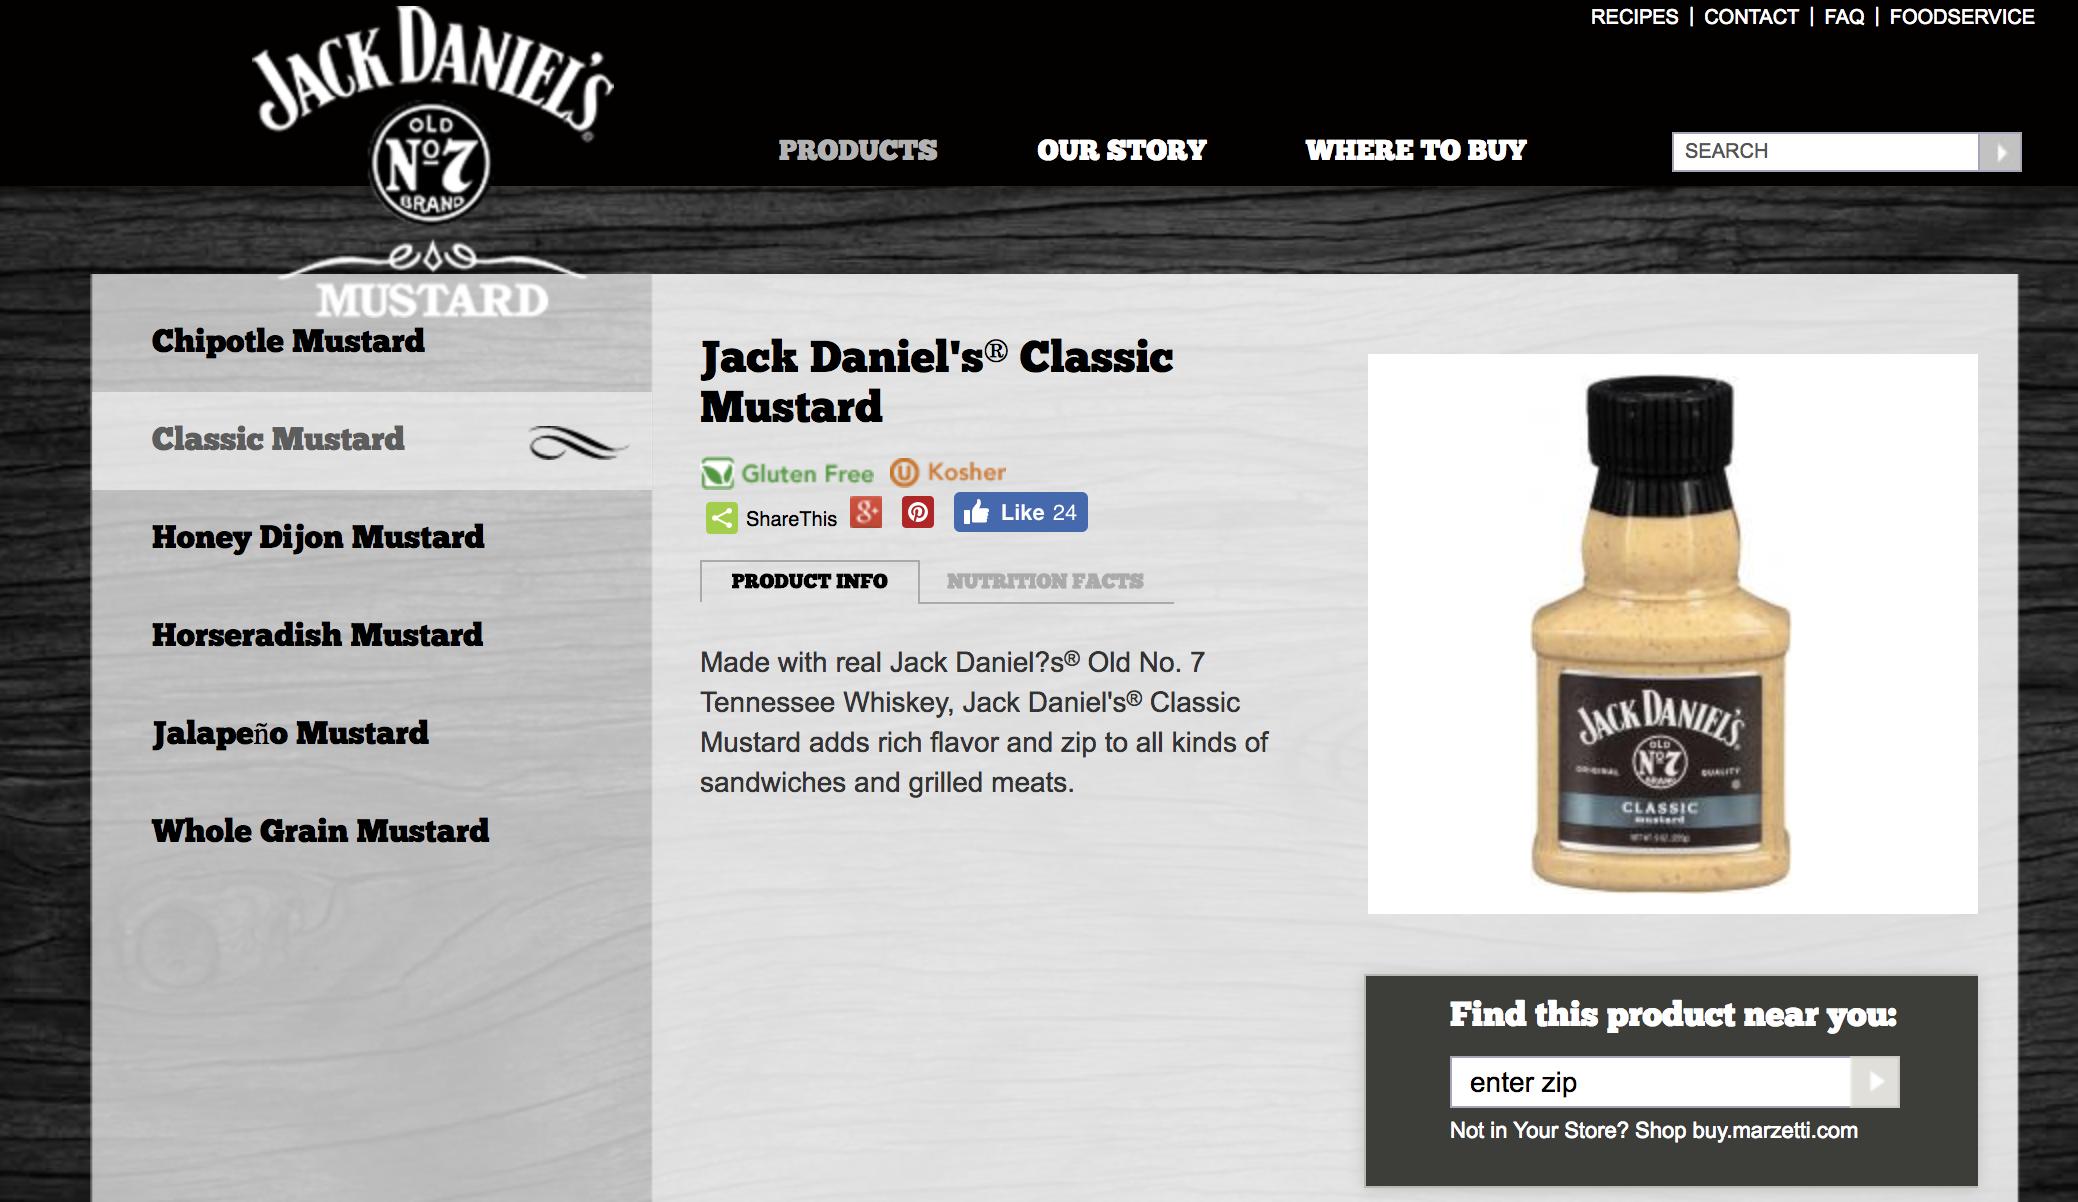 jack daniels classic mustard